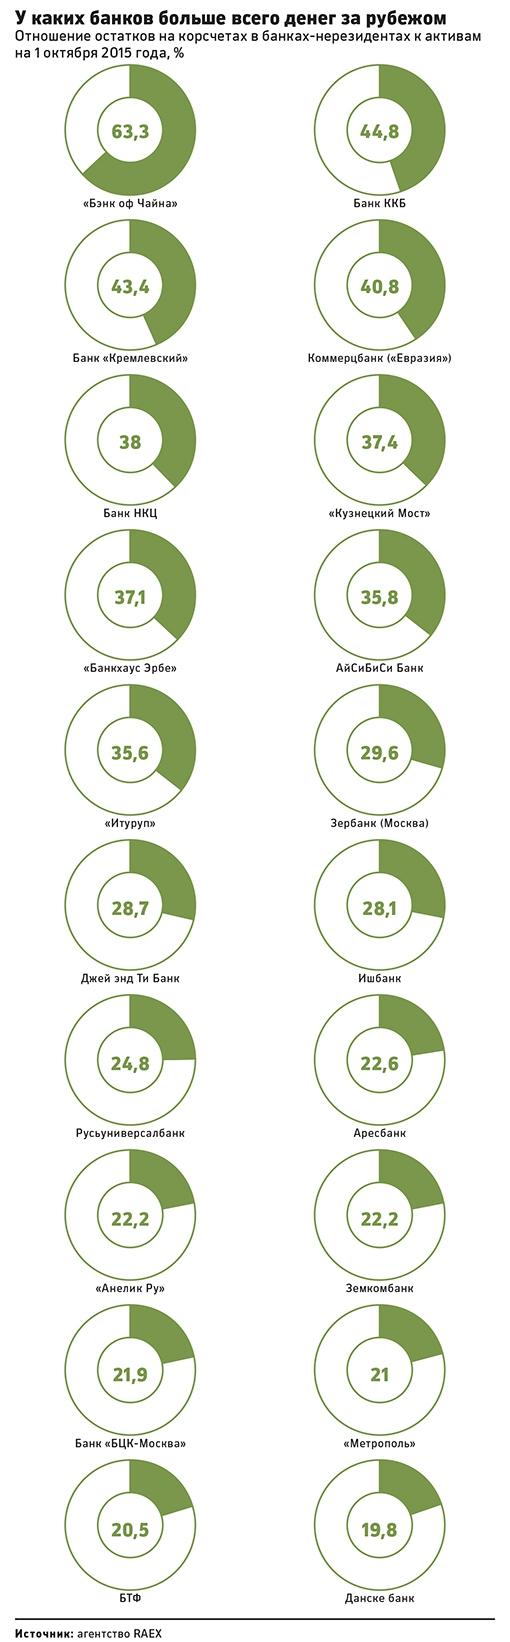 Банки, у которых больше всего денег за рубежом